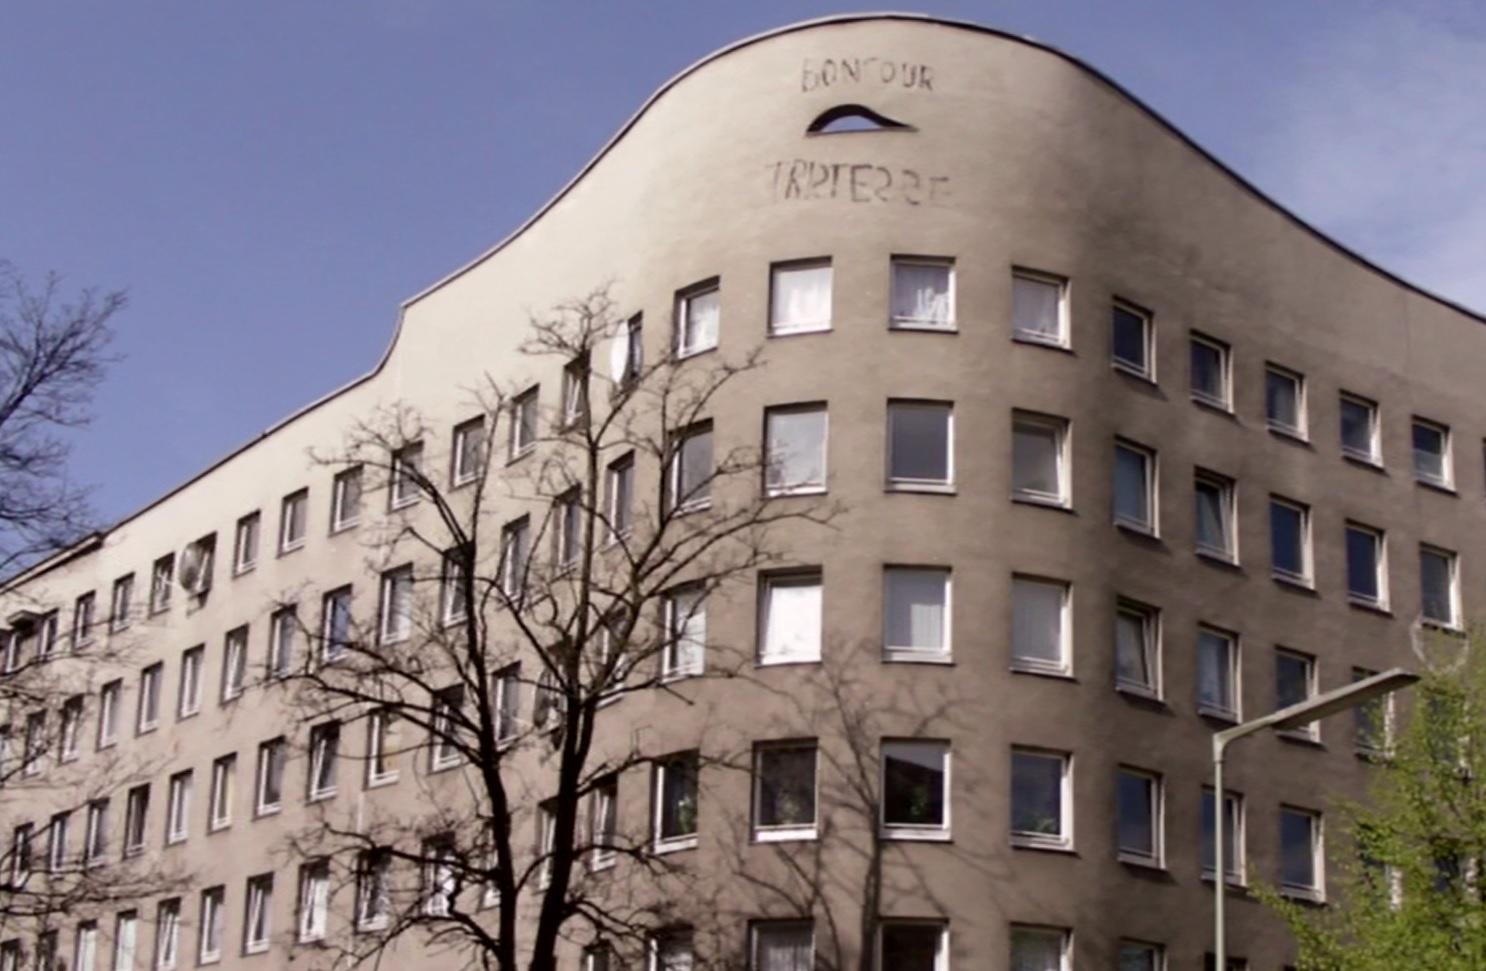 Alvaro siza bonjour tristesse berlin 1984 soloalsecondogrado - Lavoro architetto berlino ...